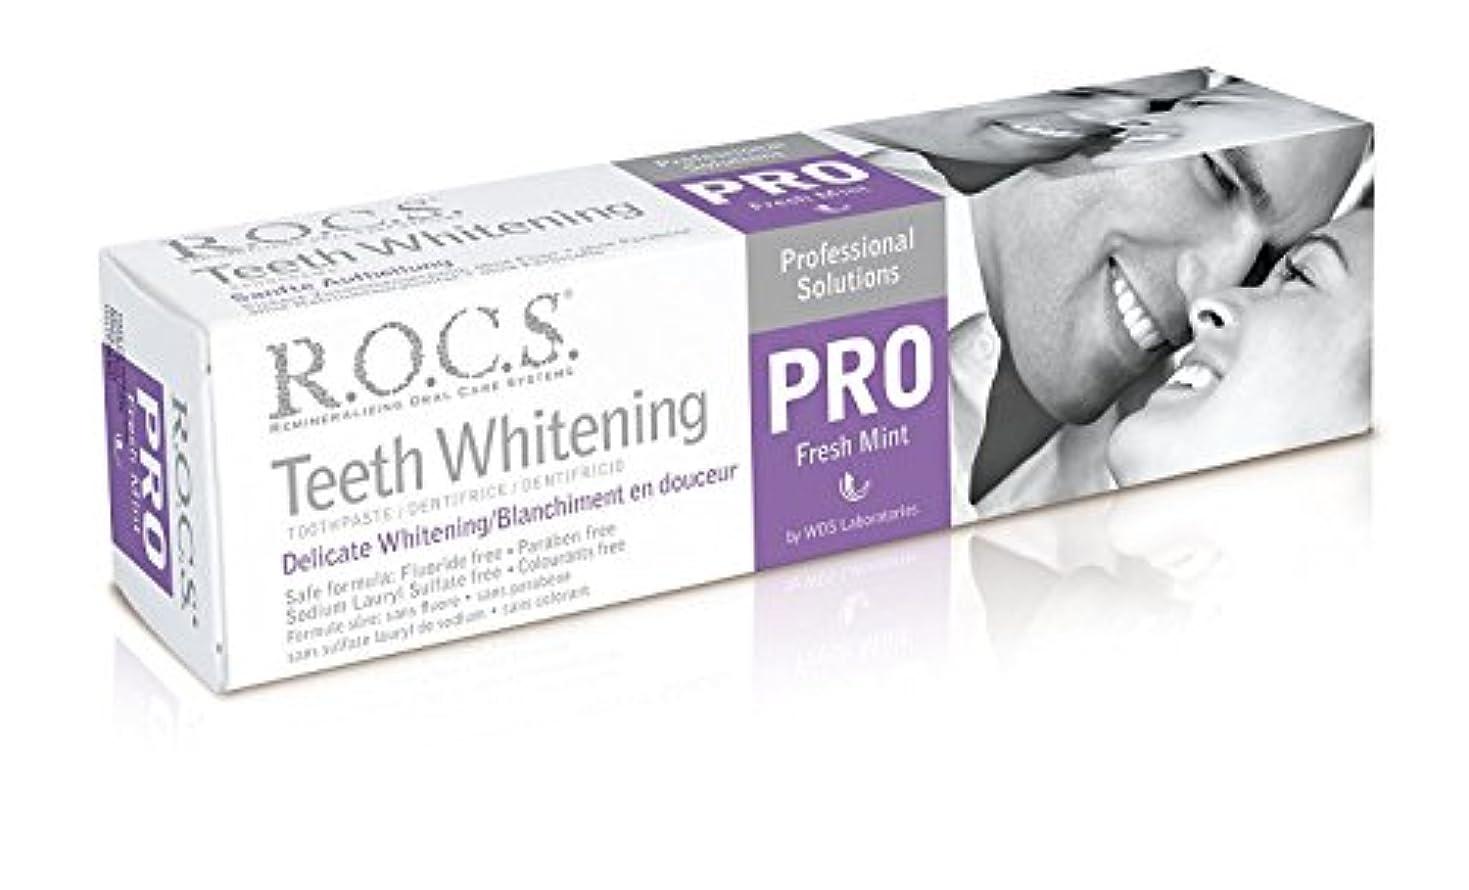 調整するする言及するR.O.C.S.(ロックス) プロ デリケート ホワイトニング フレッシュミント 135g